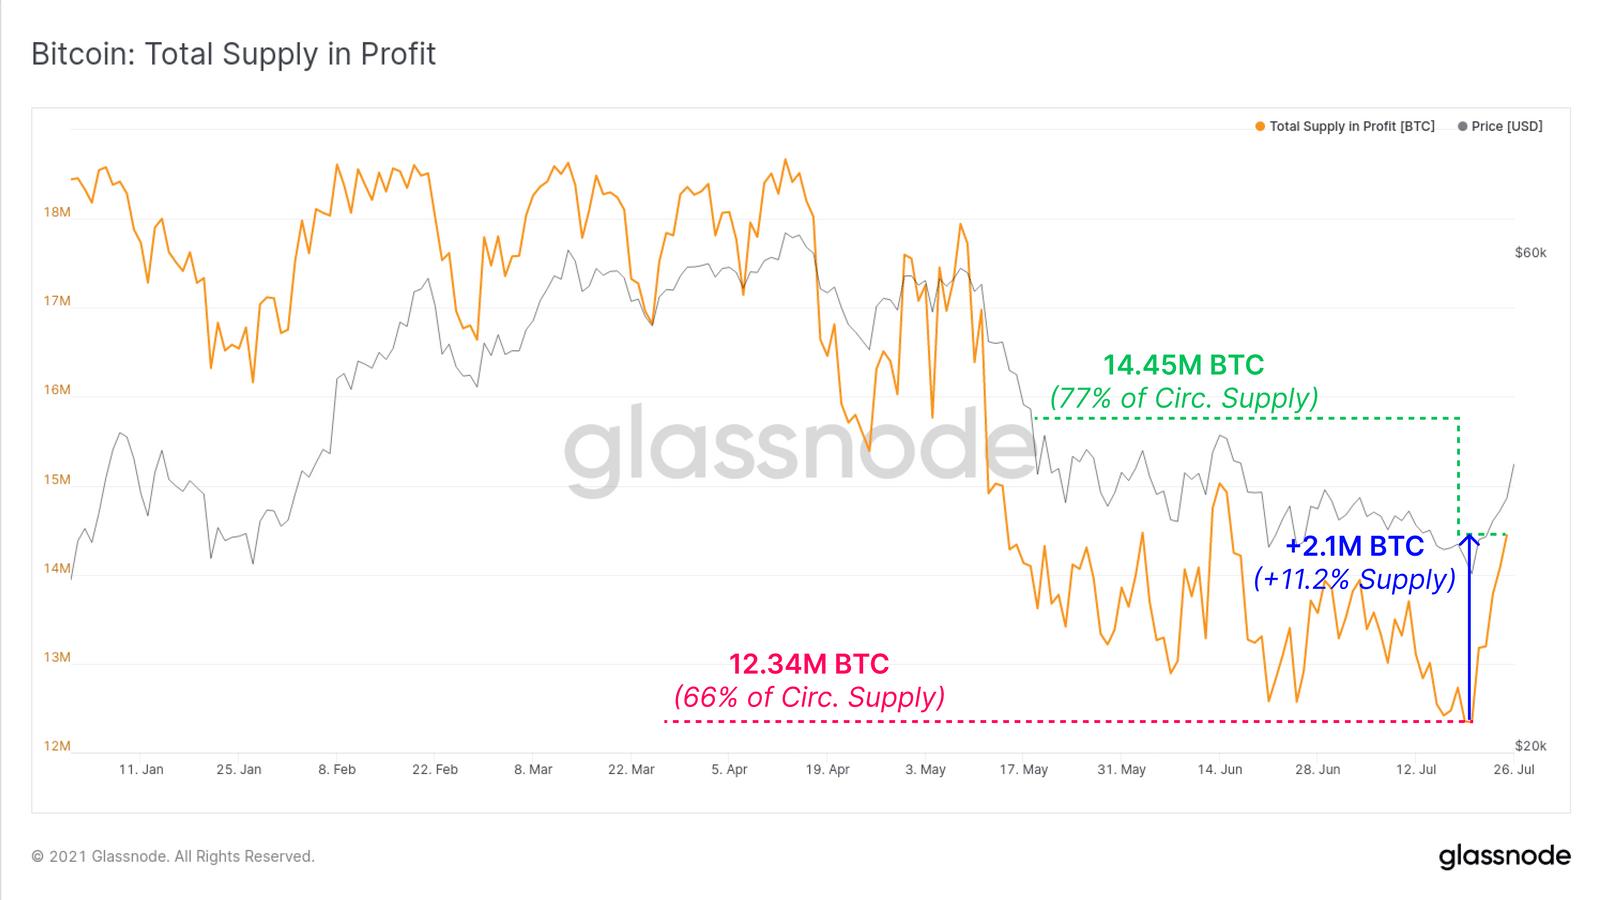 Prozentsatz der Gesamtumlaufmenge an BTC im Profit